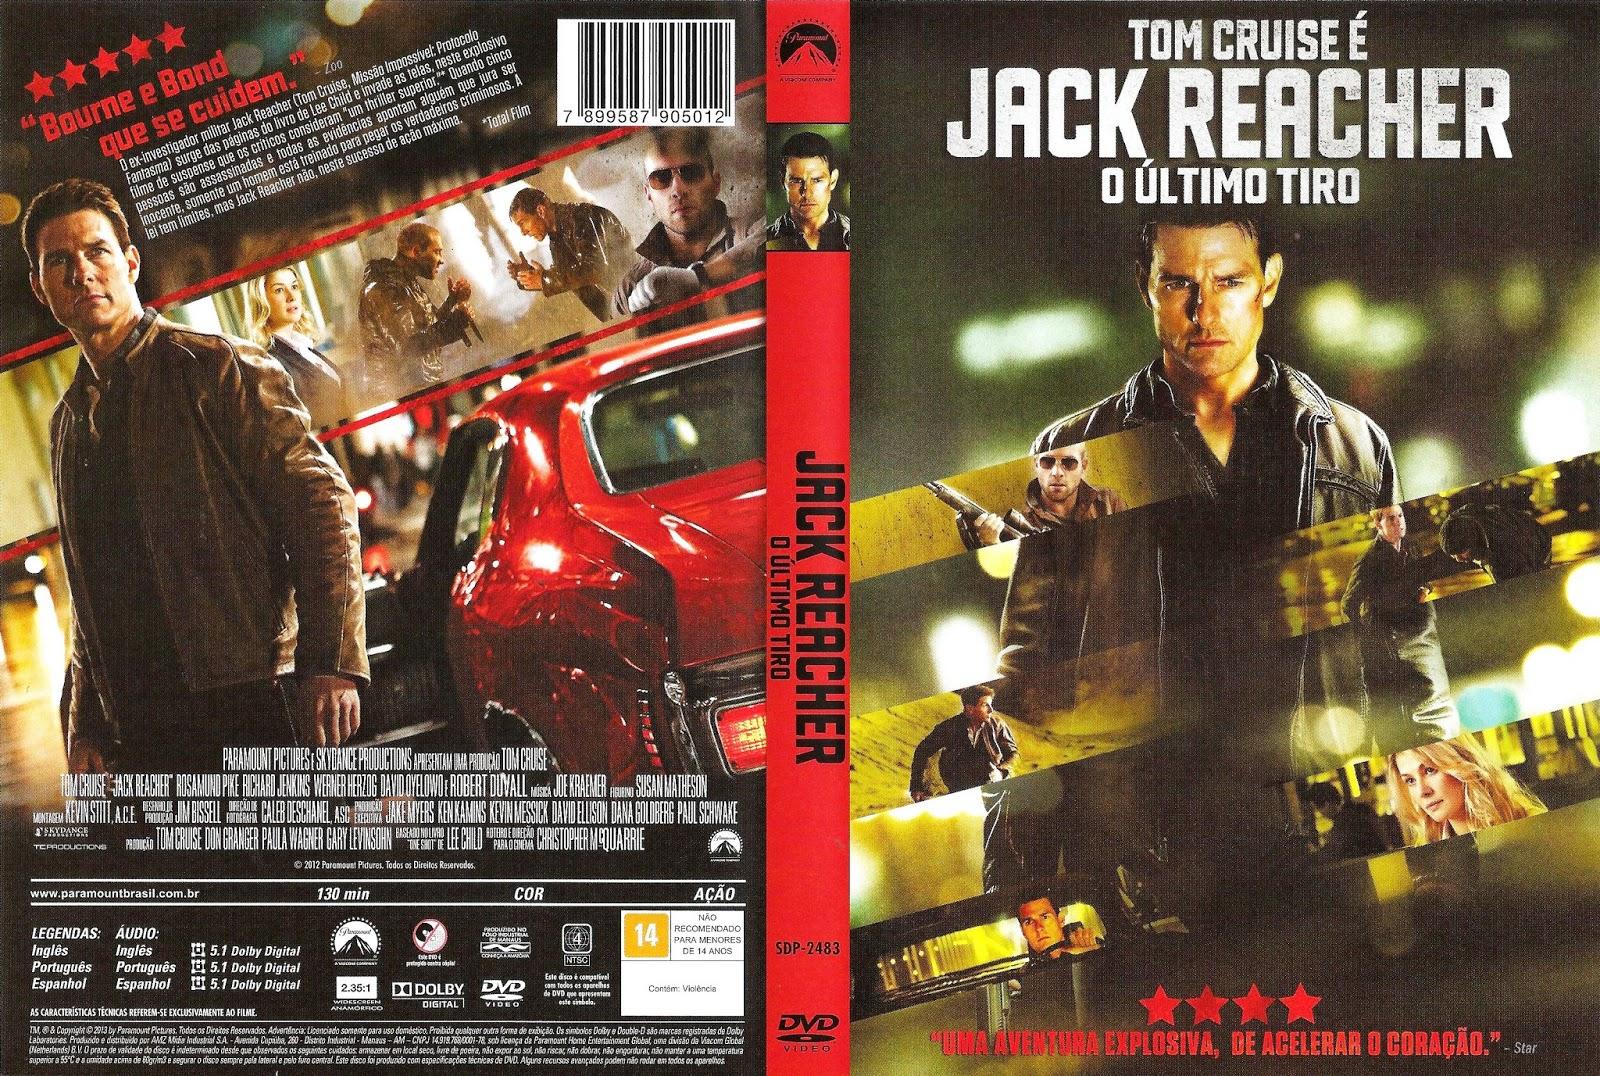 jack reacher ultimo tiro filme completo dublado